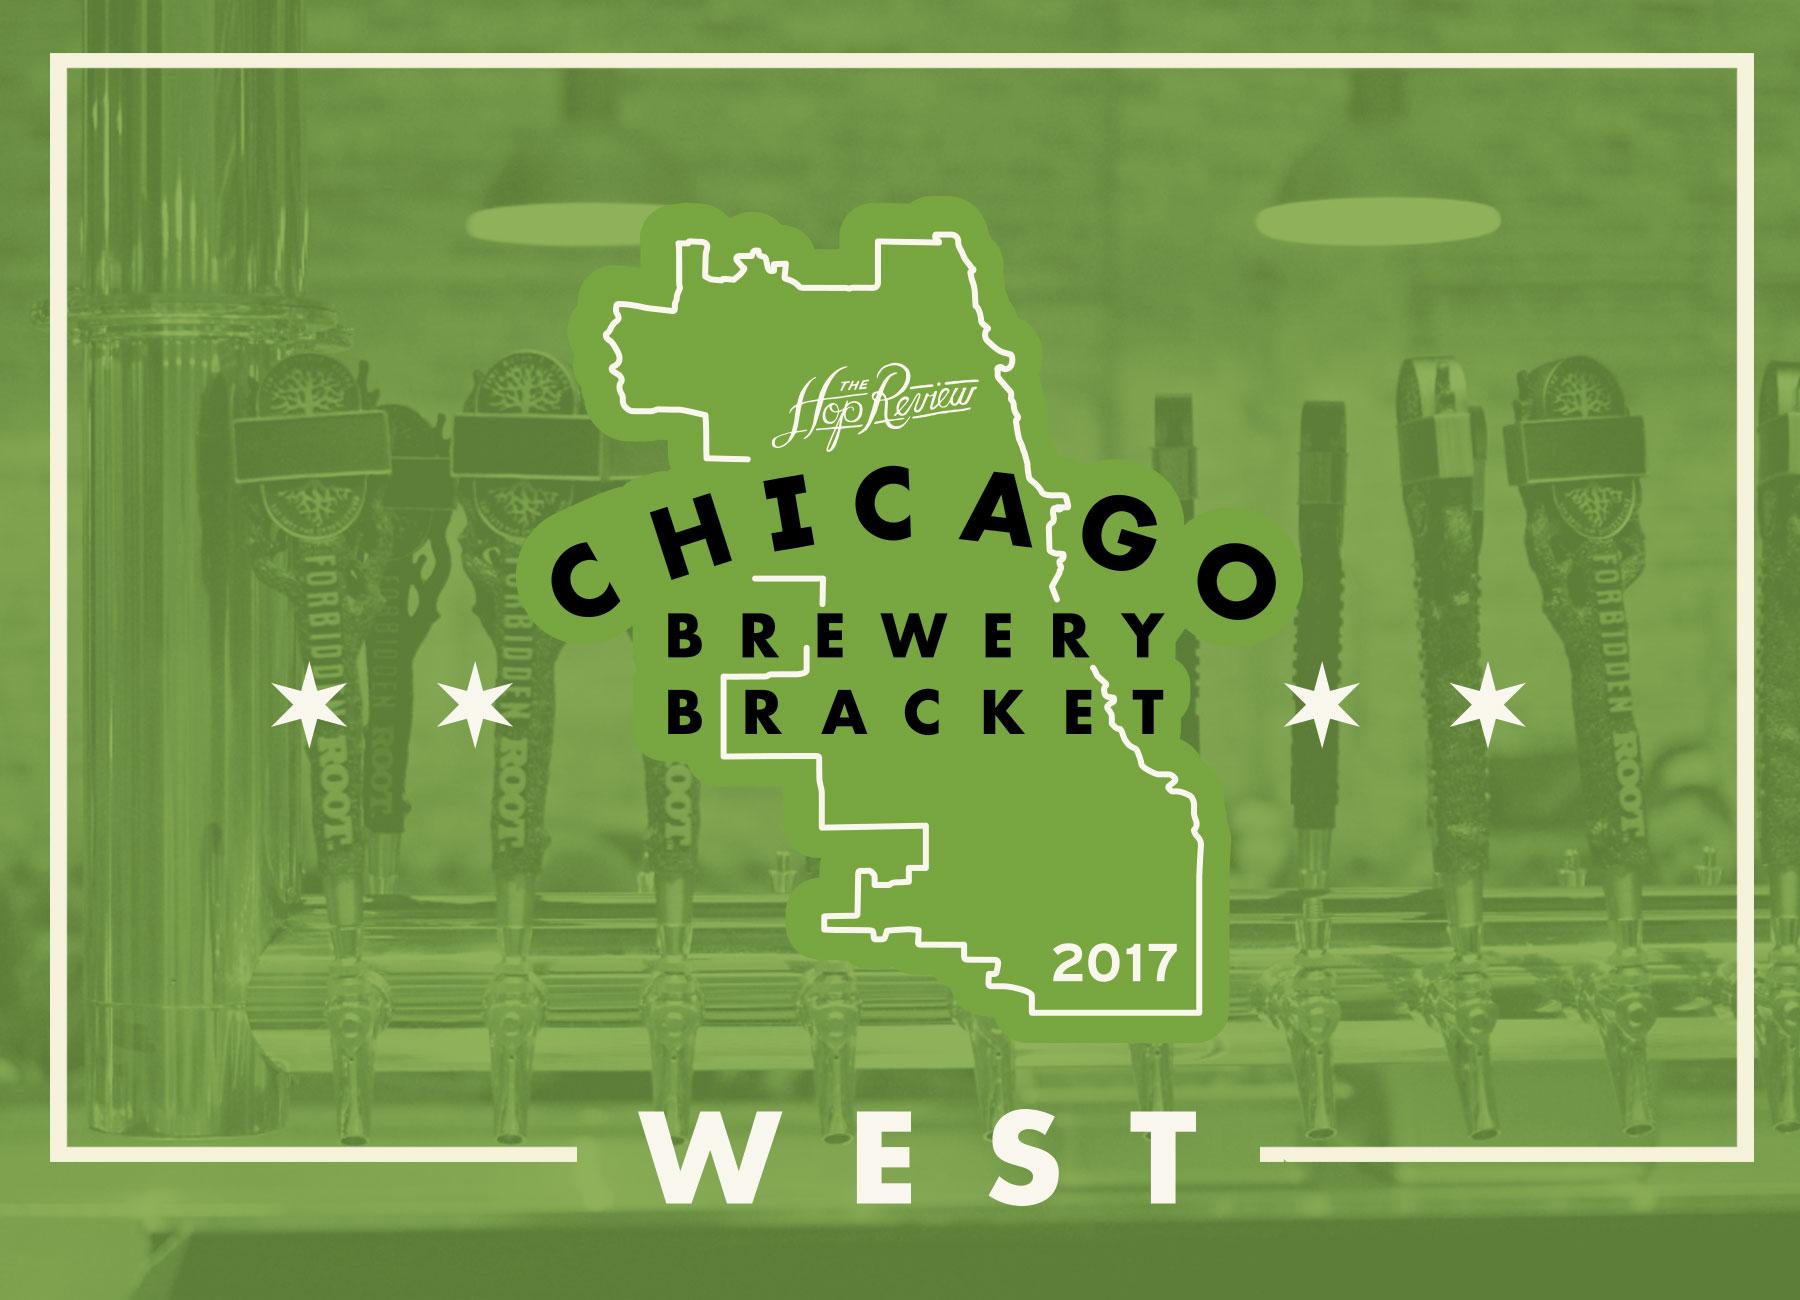 Chicago Brewery Bracket: West – Rd. 1